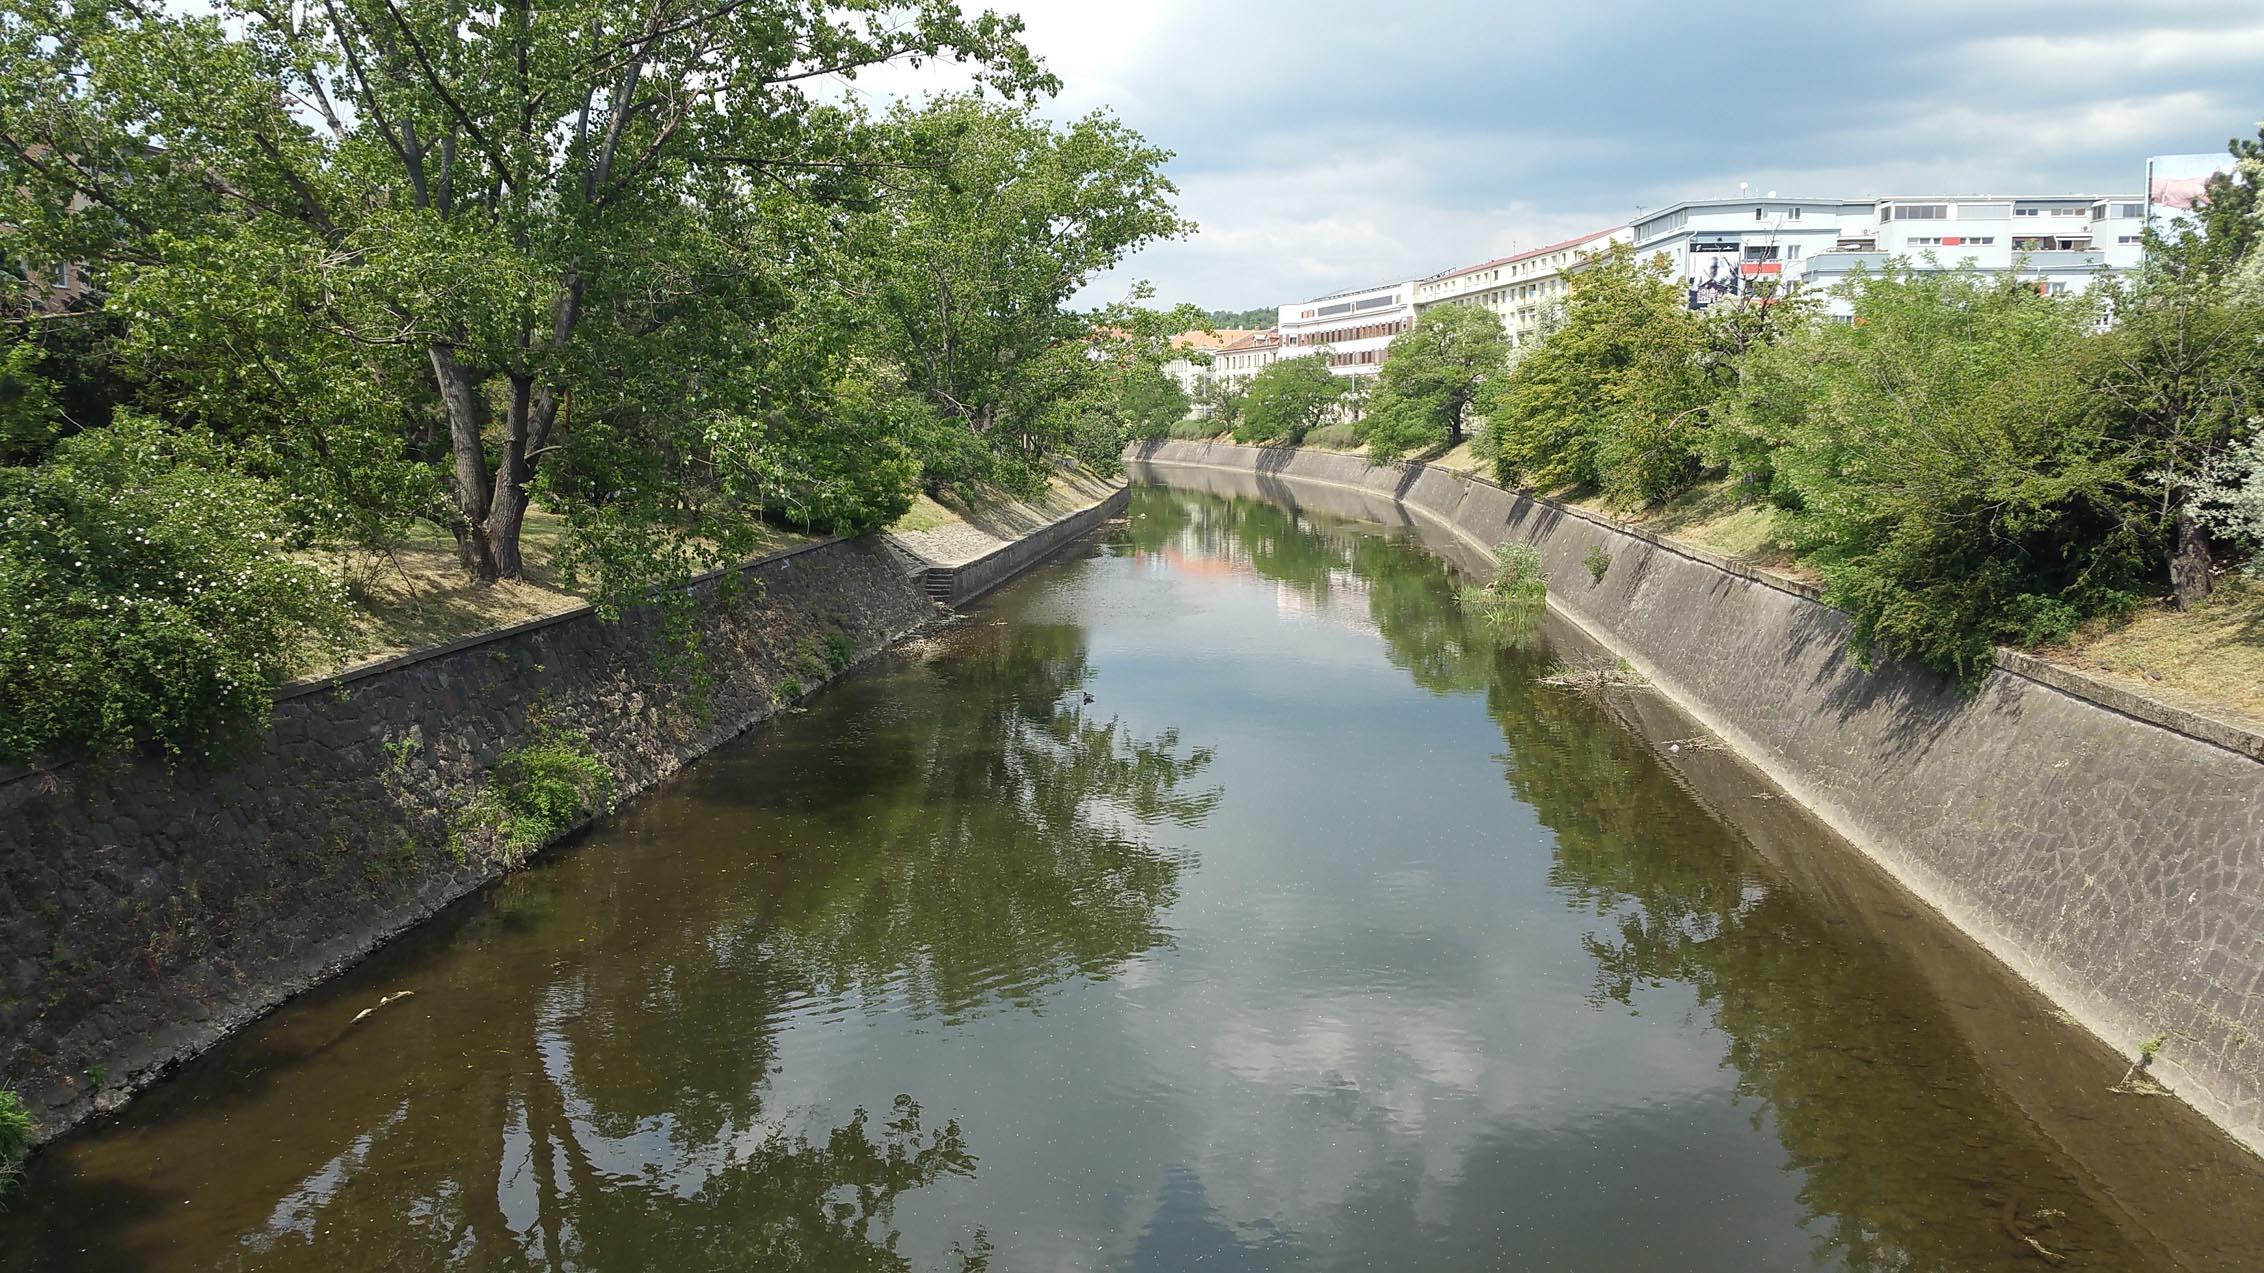 Koryto řeky Svratky, jaro 2018